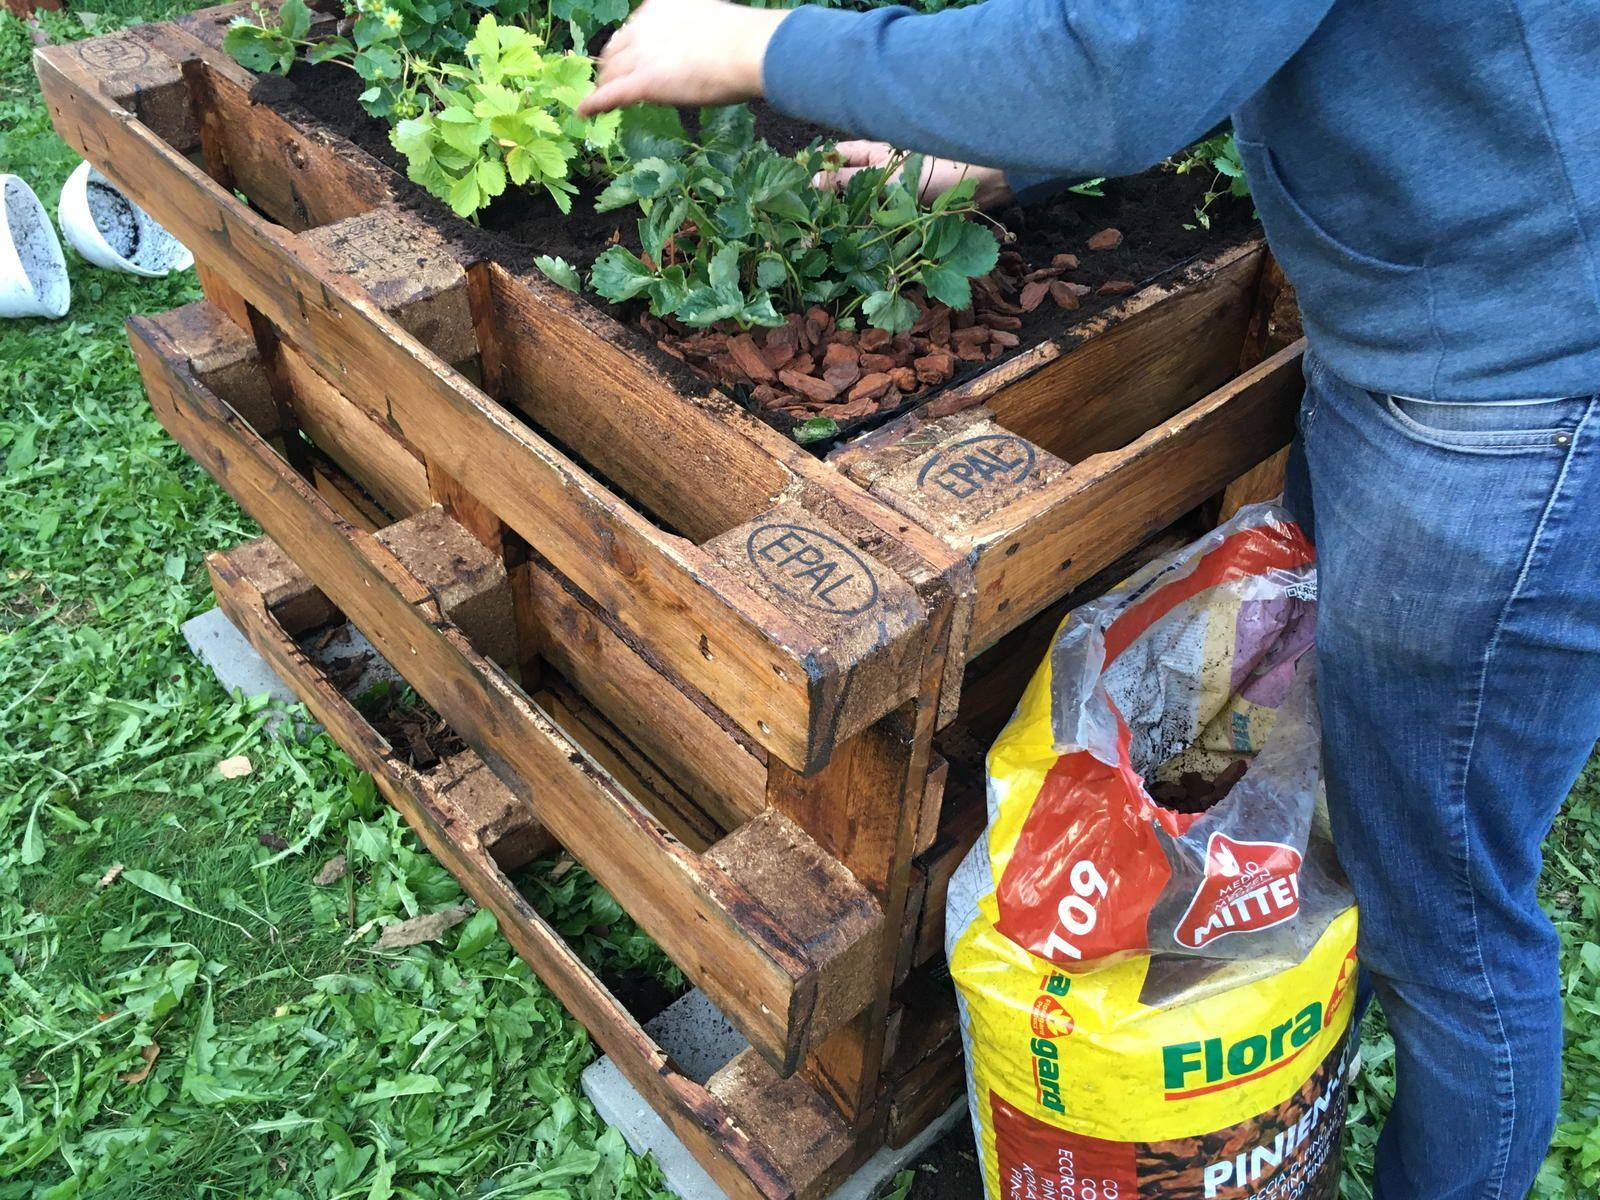 Hochbeet Bepflanzen Fruchtfolge Nutzliche Tipps Hochbeet Pflanzen Hochbeet Bepflanzen Und Pflanzplan